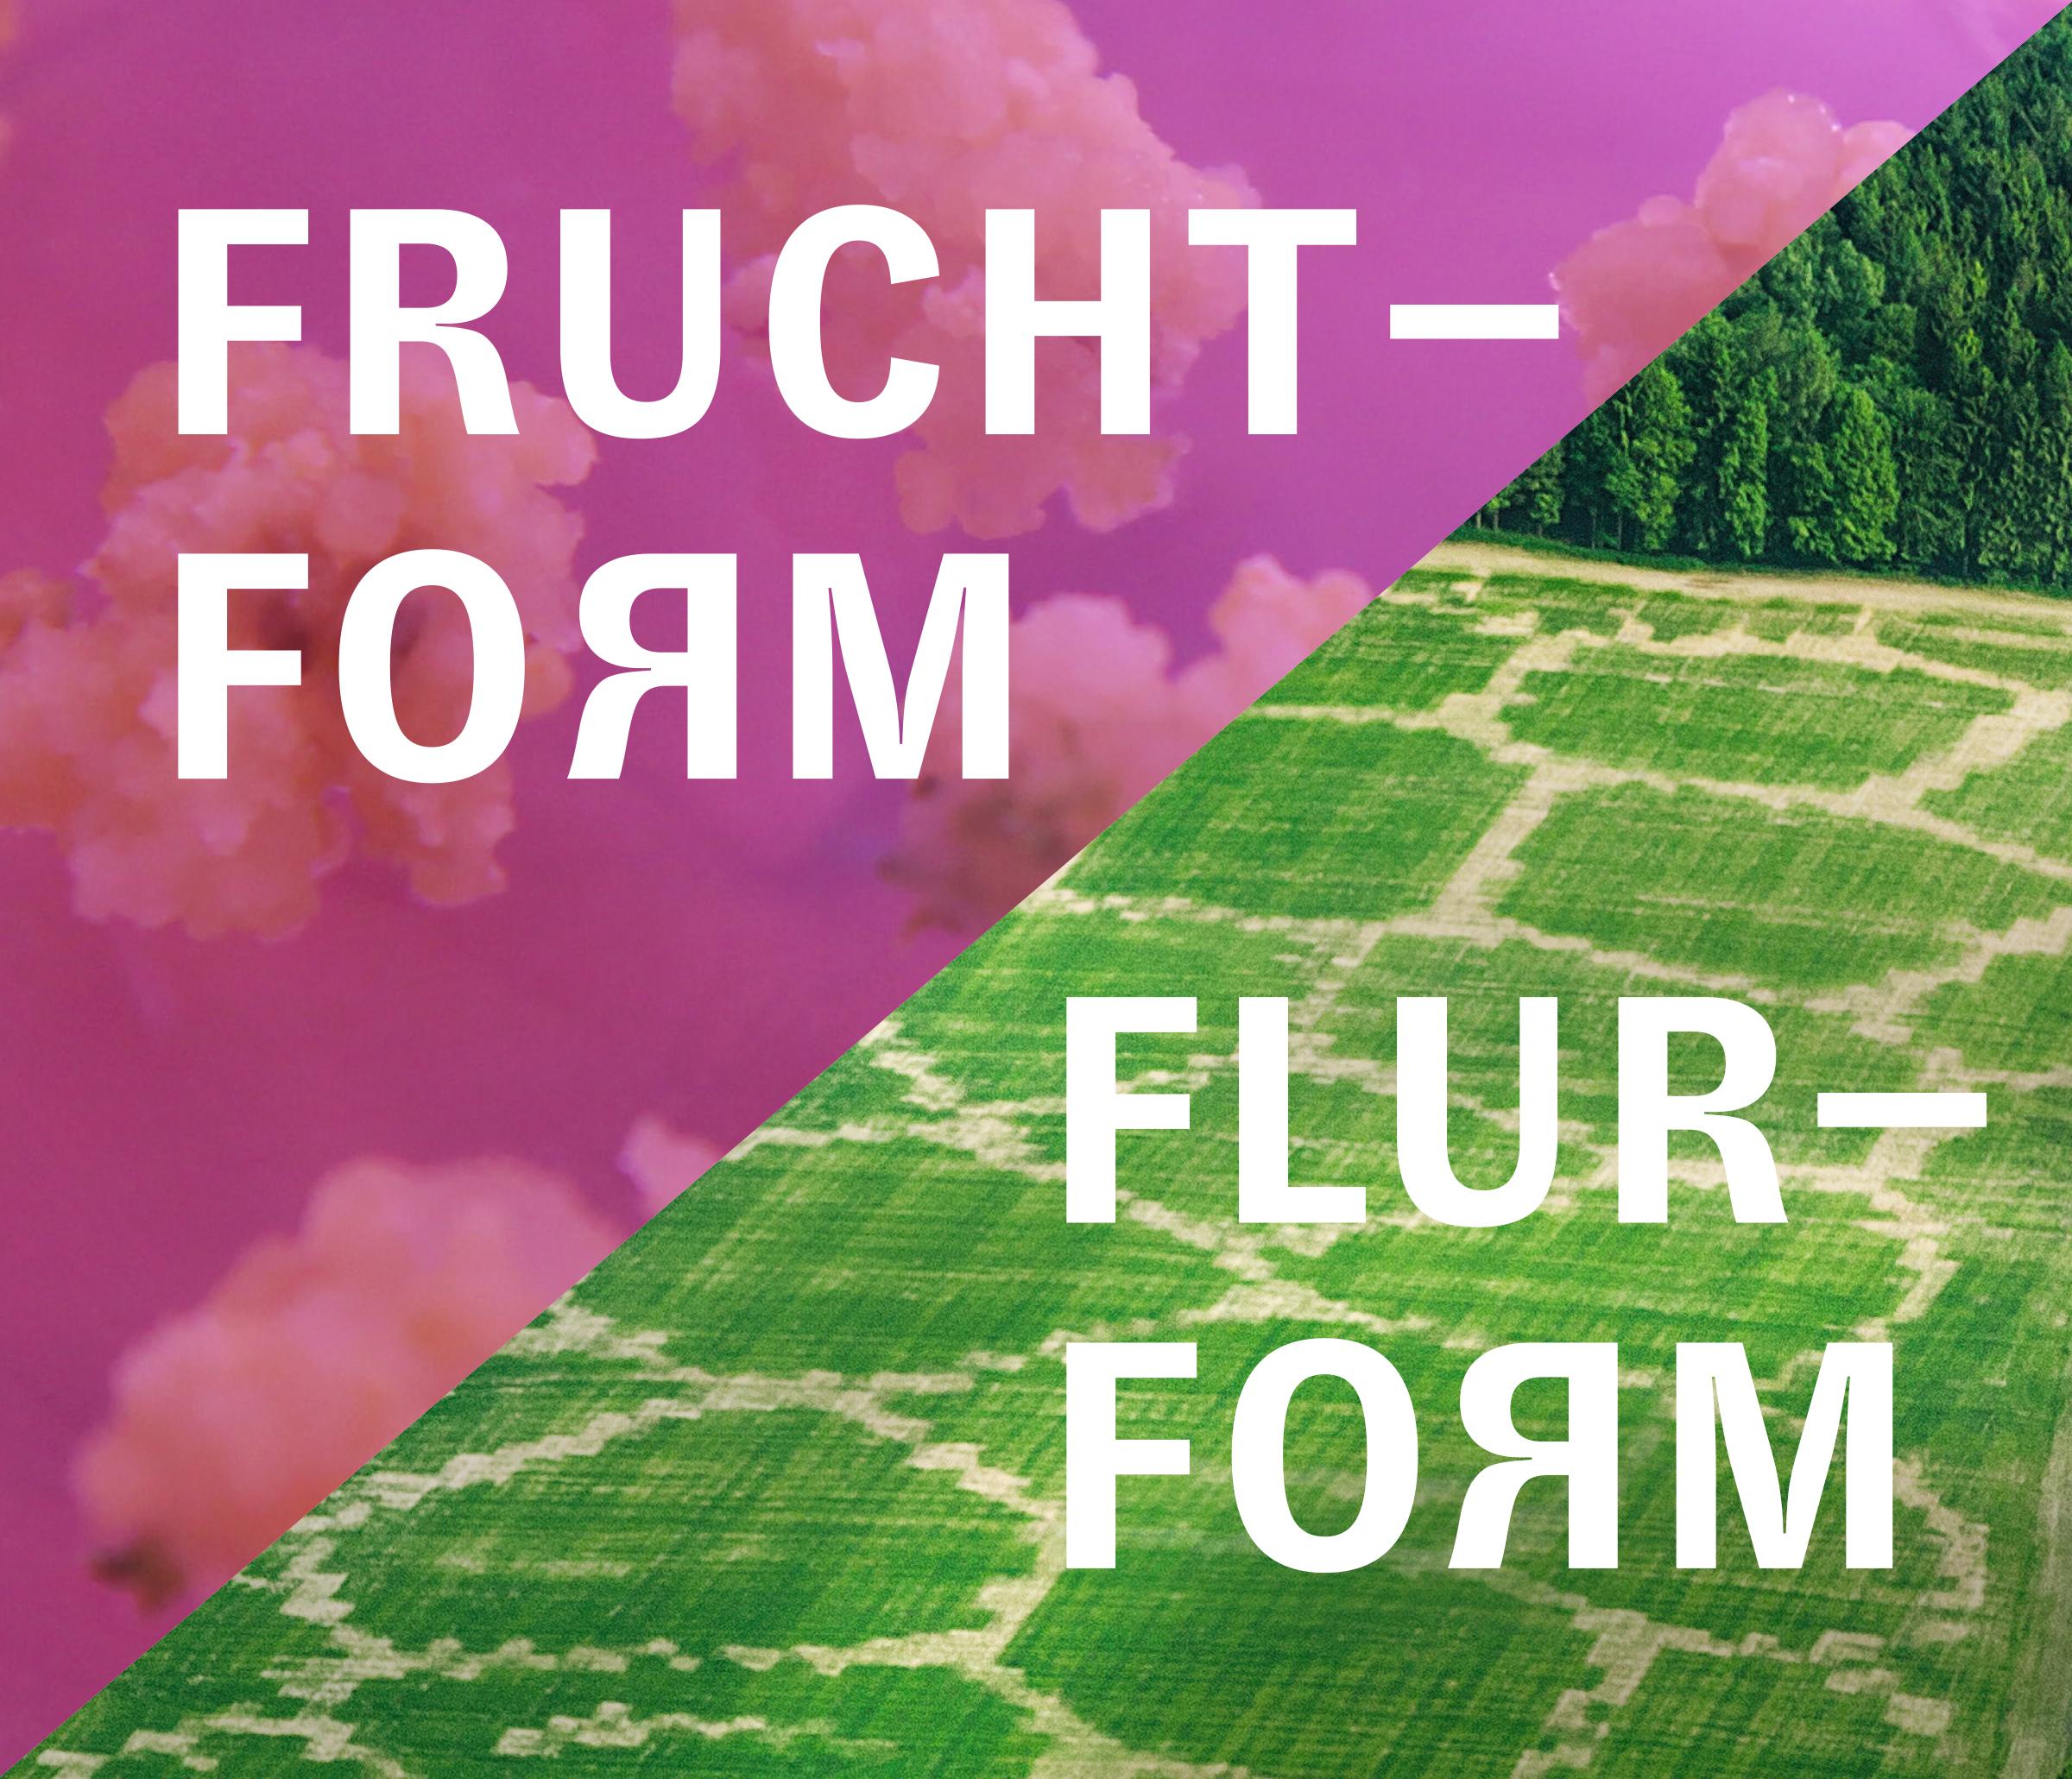 190809_FRUCHT-FLUR-FORM-Gesprächsrunde.jpg